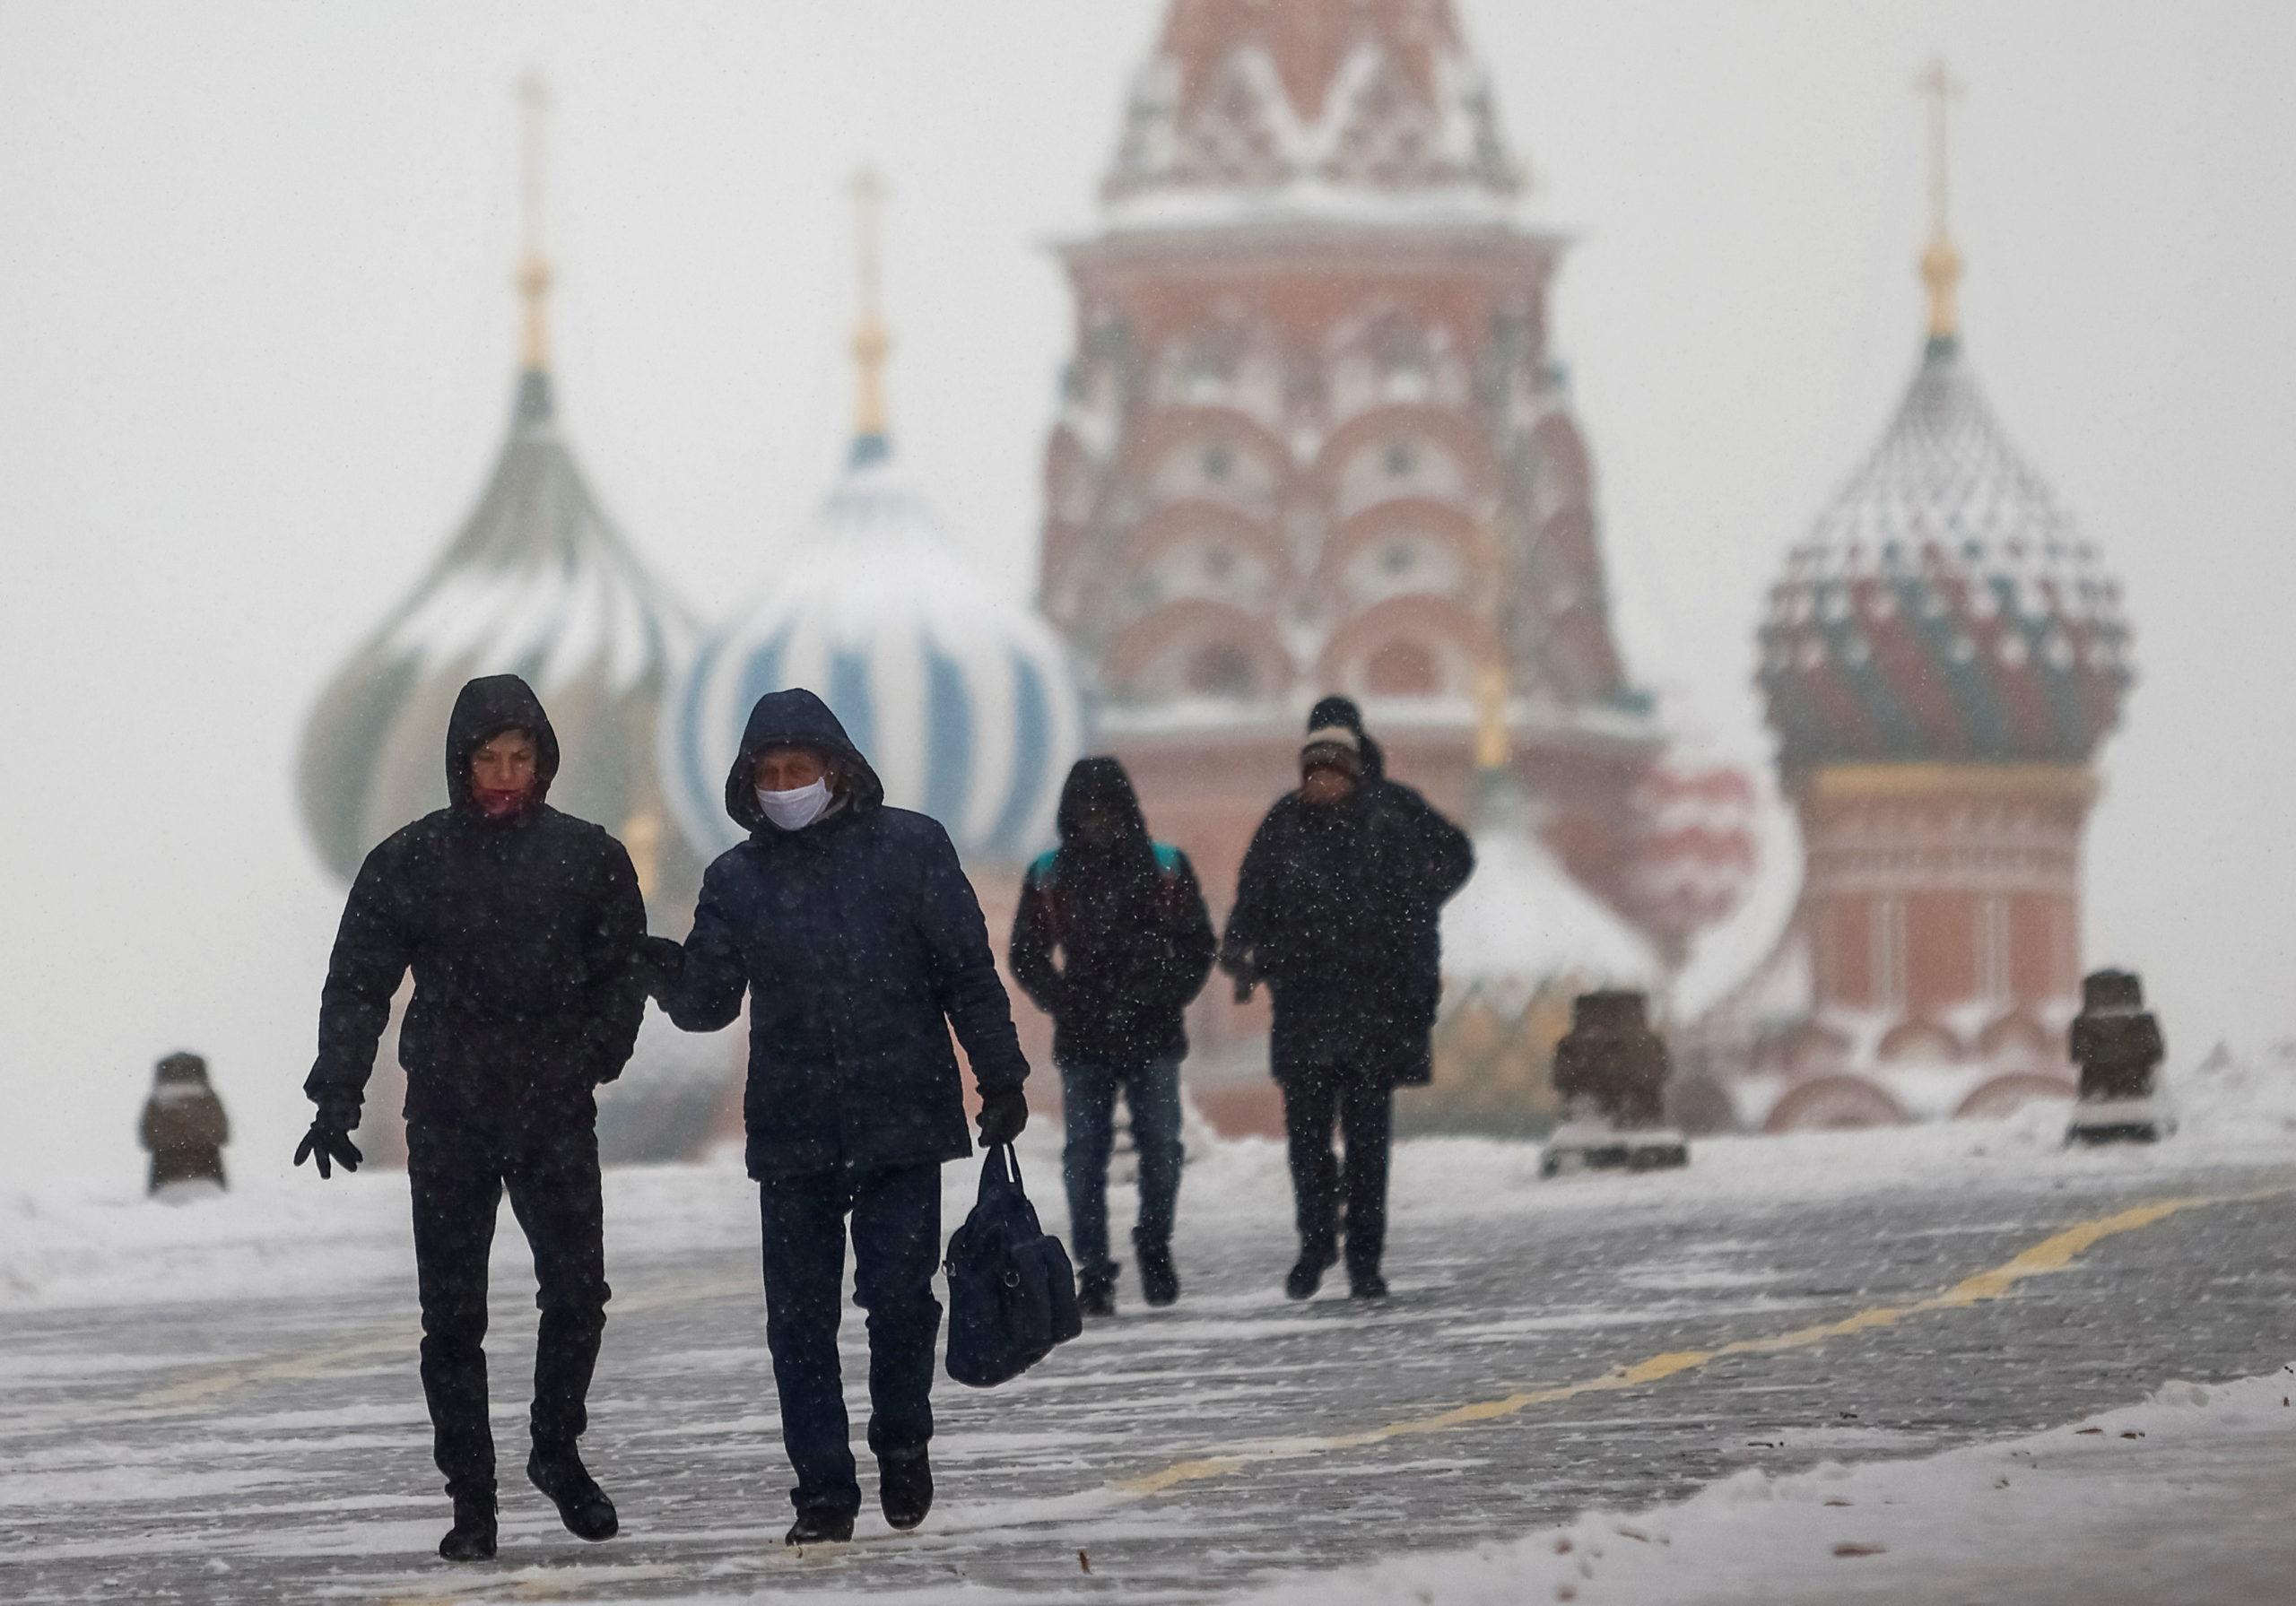 La Russie arrête 19 suspects projetant des attaques islamistes, selon l'agence TASS